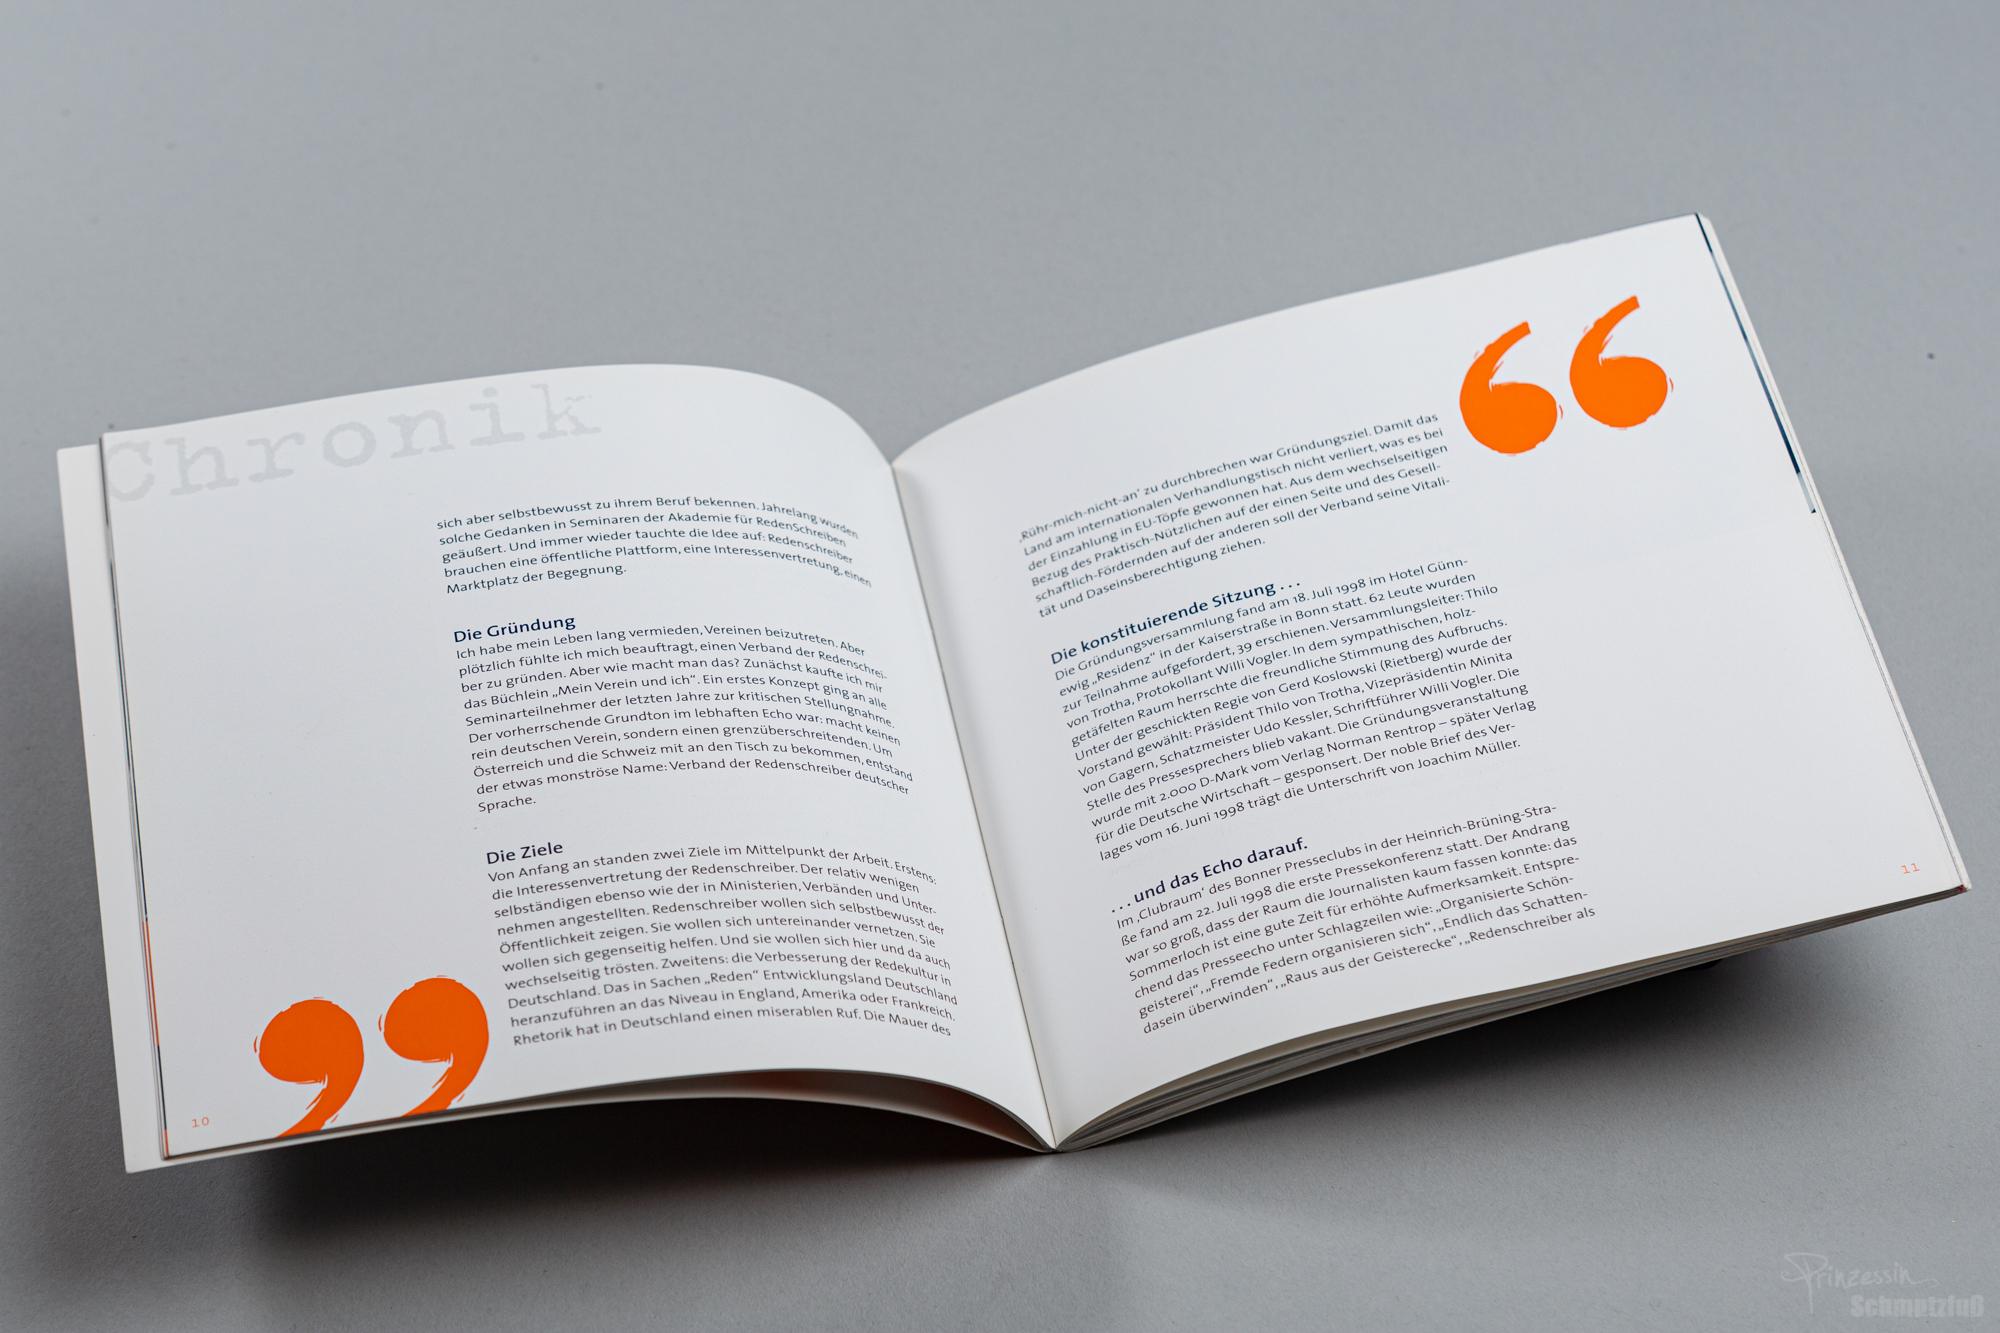 Layoutgestaltung | Textsatz | Vrds | Anstellung bei da vinci design